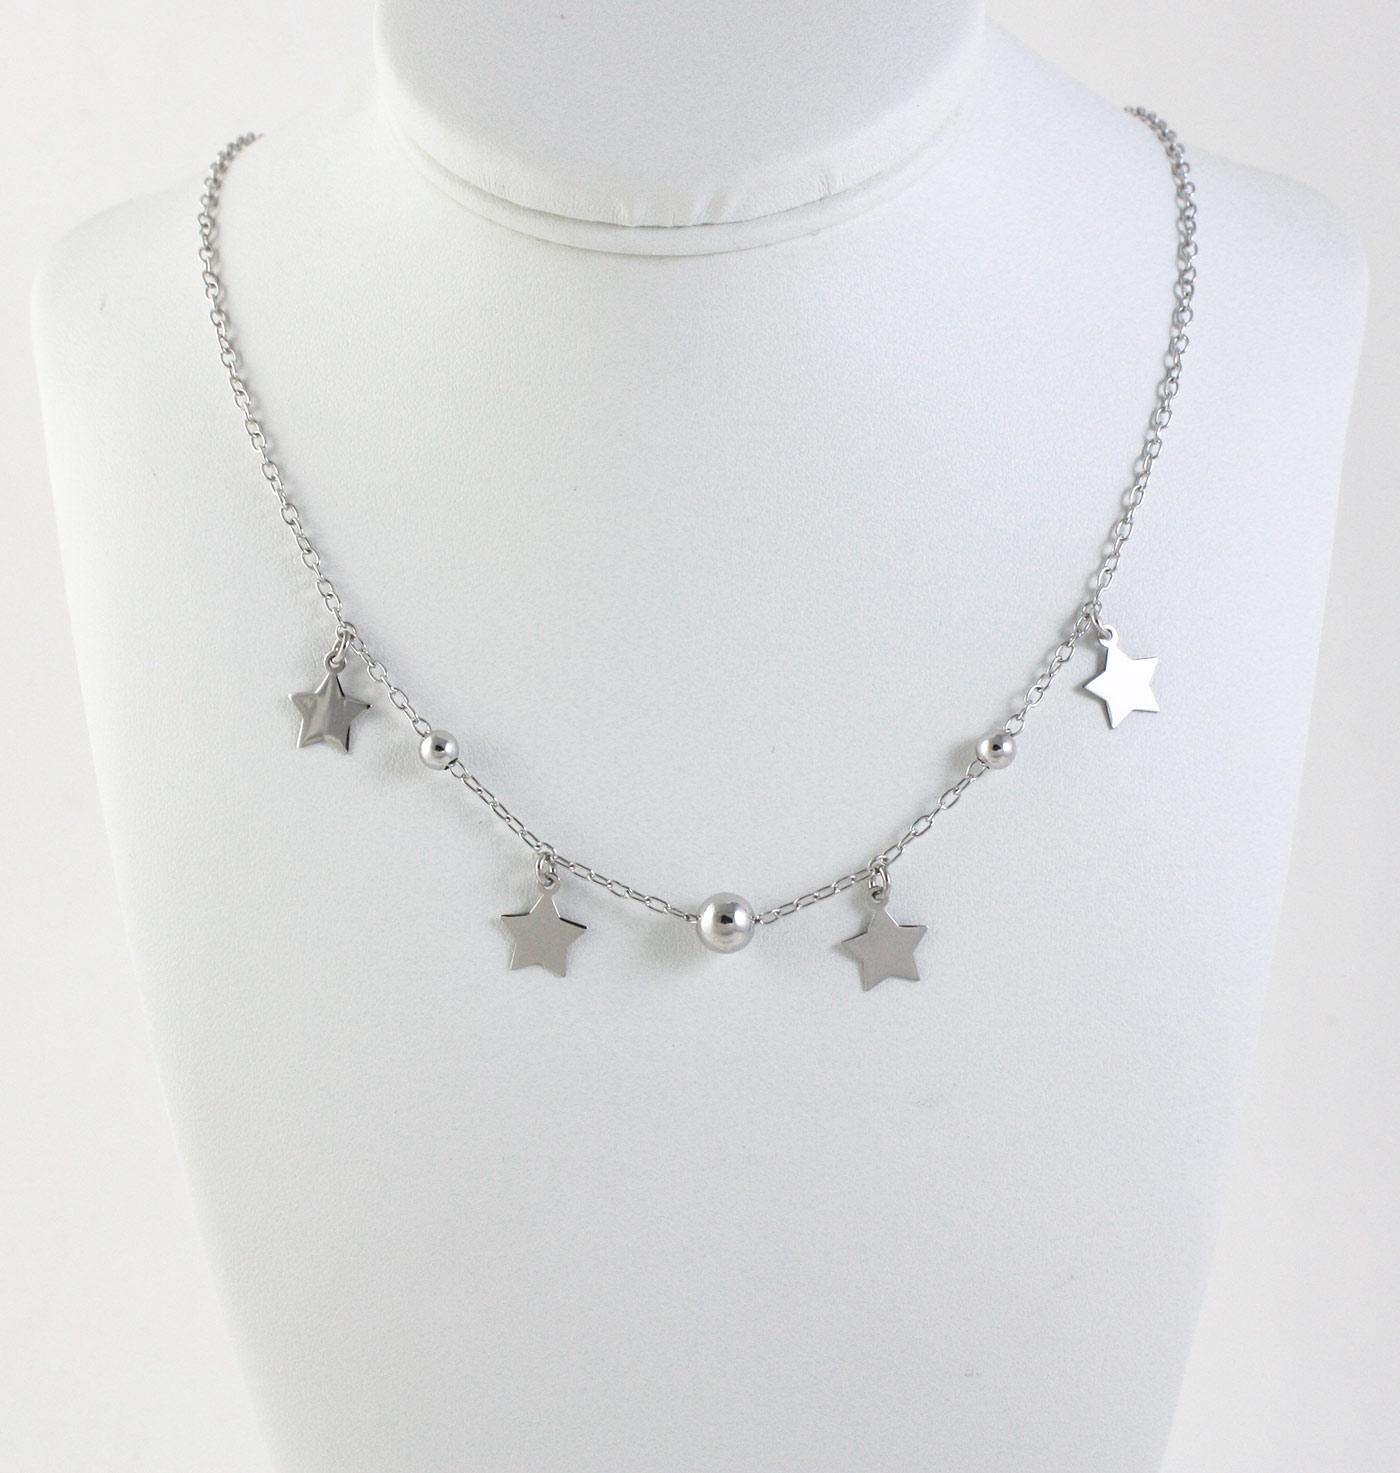 miglior servizio 82e22 e9956 Collana girocollo in argento 925 con stelle pendenti e sfere